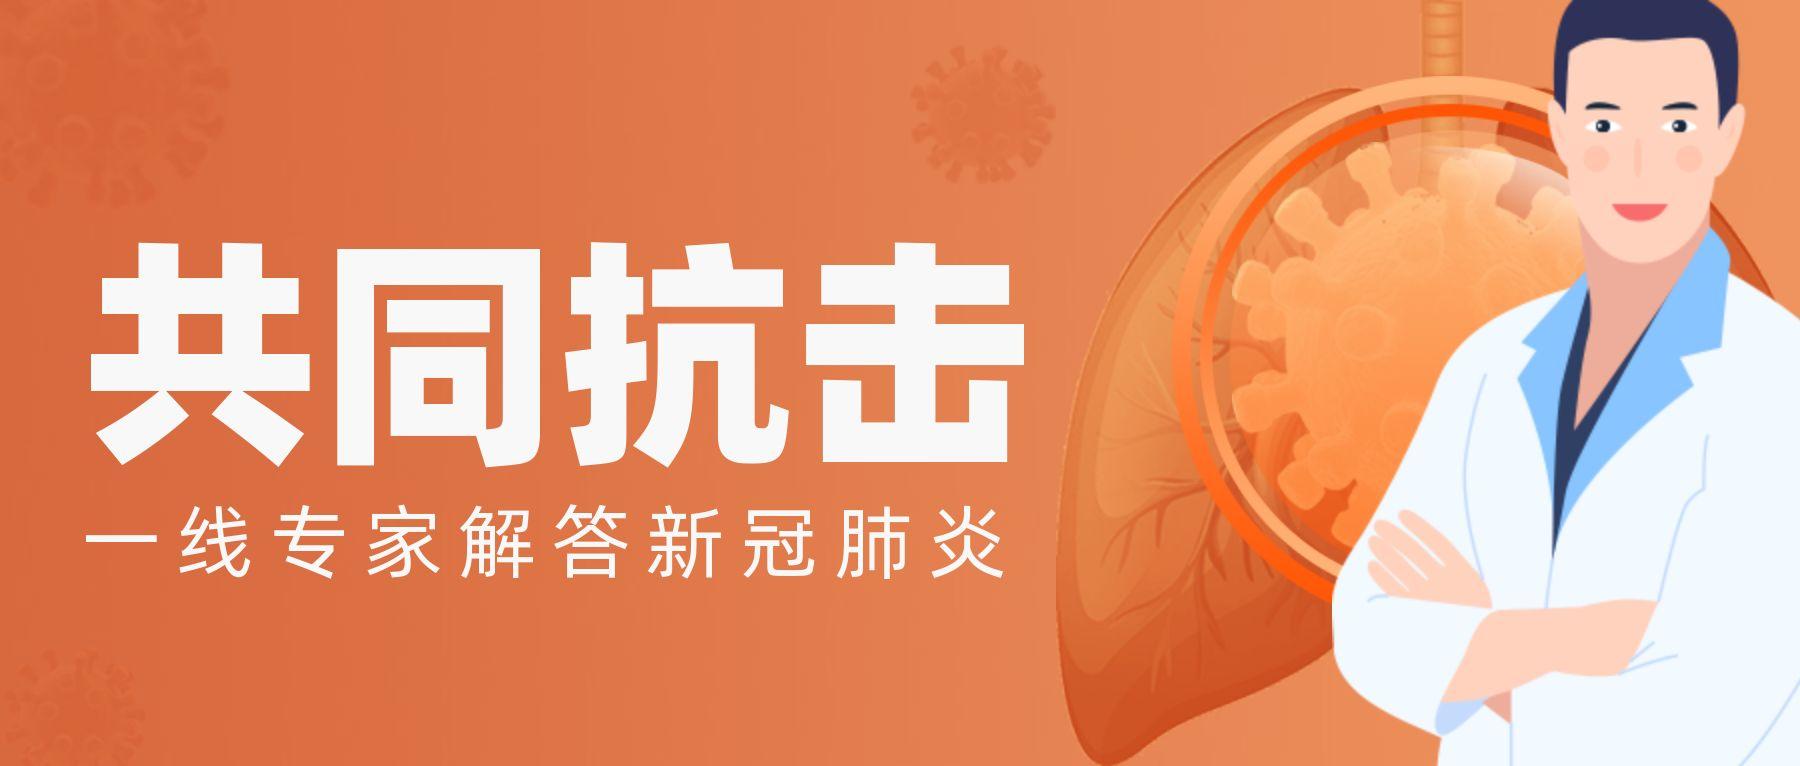 橙色扁平化新型冠状病毒公众号首图